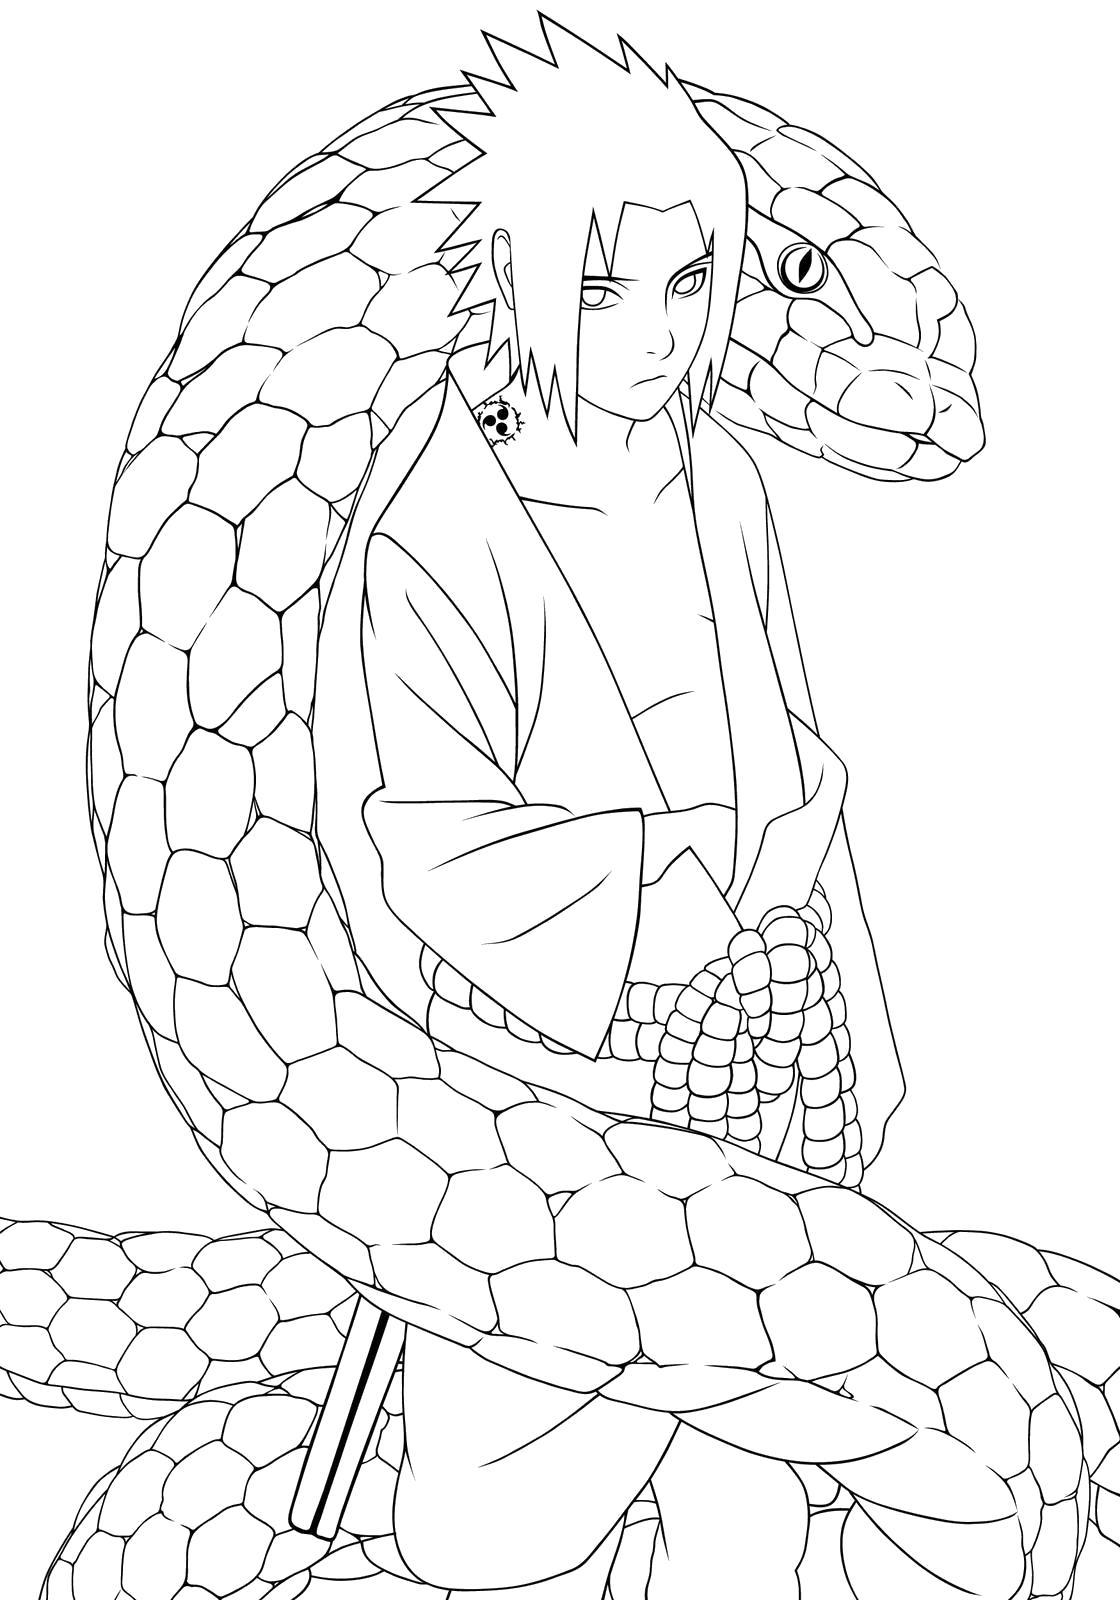 Раскраска Саске и змей. Скачать наруто.  Распечатать наруто